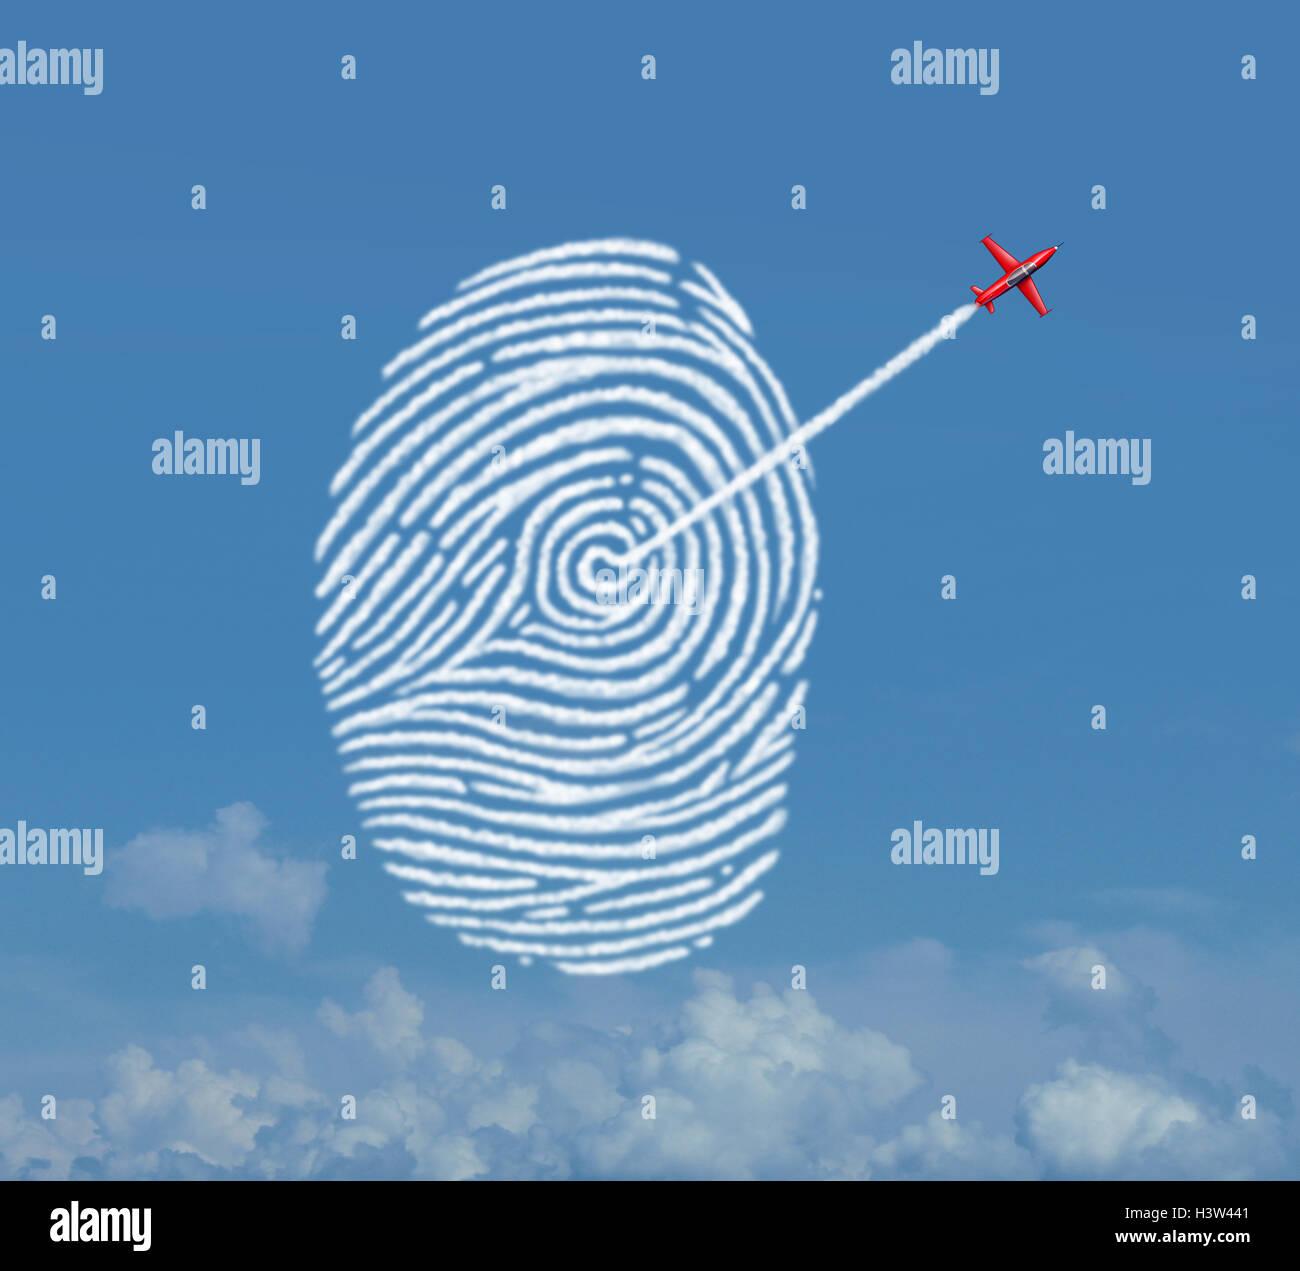 Identità il concetto di sicurezza come un acrobatico aereo jet facendo un sentiero di fumo a forma di impronte Immagini Stock